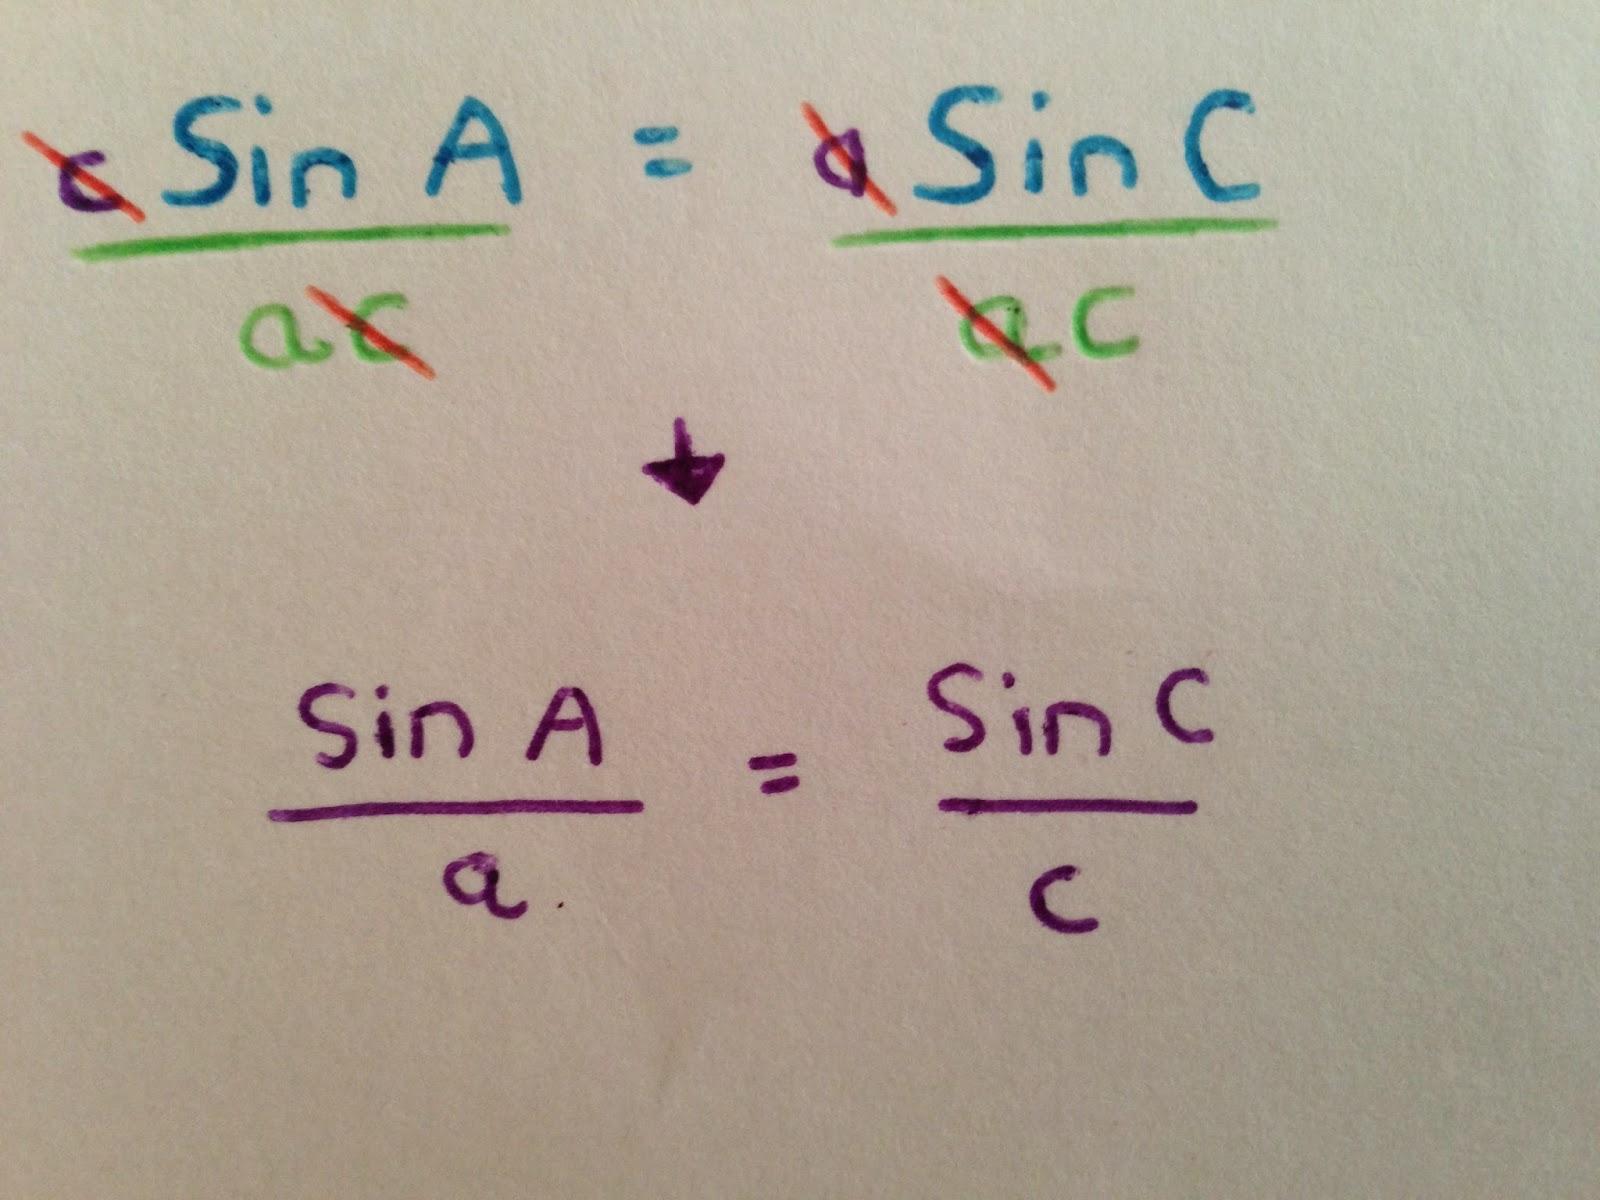 The Secret Math Place Bq 1 Unit P Concept 1 And 4 Law